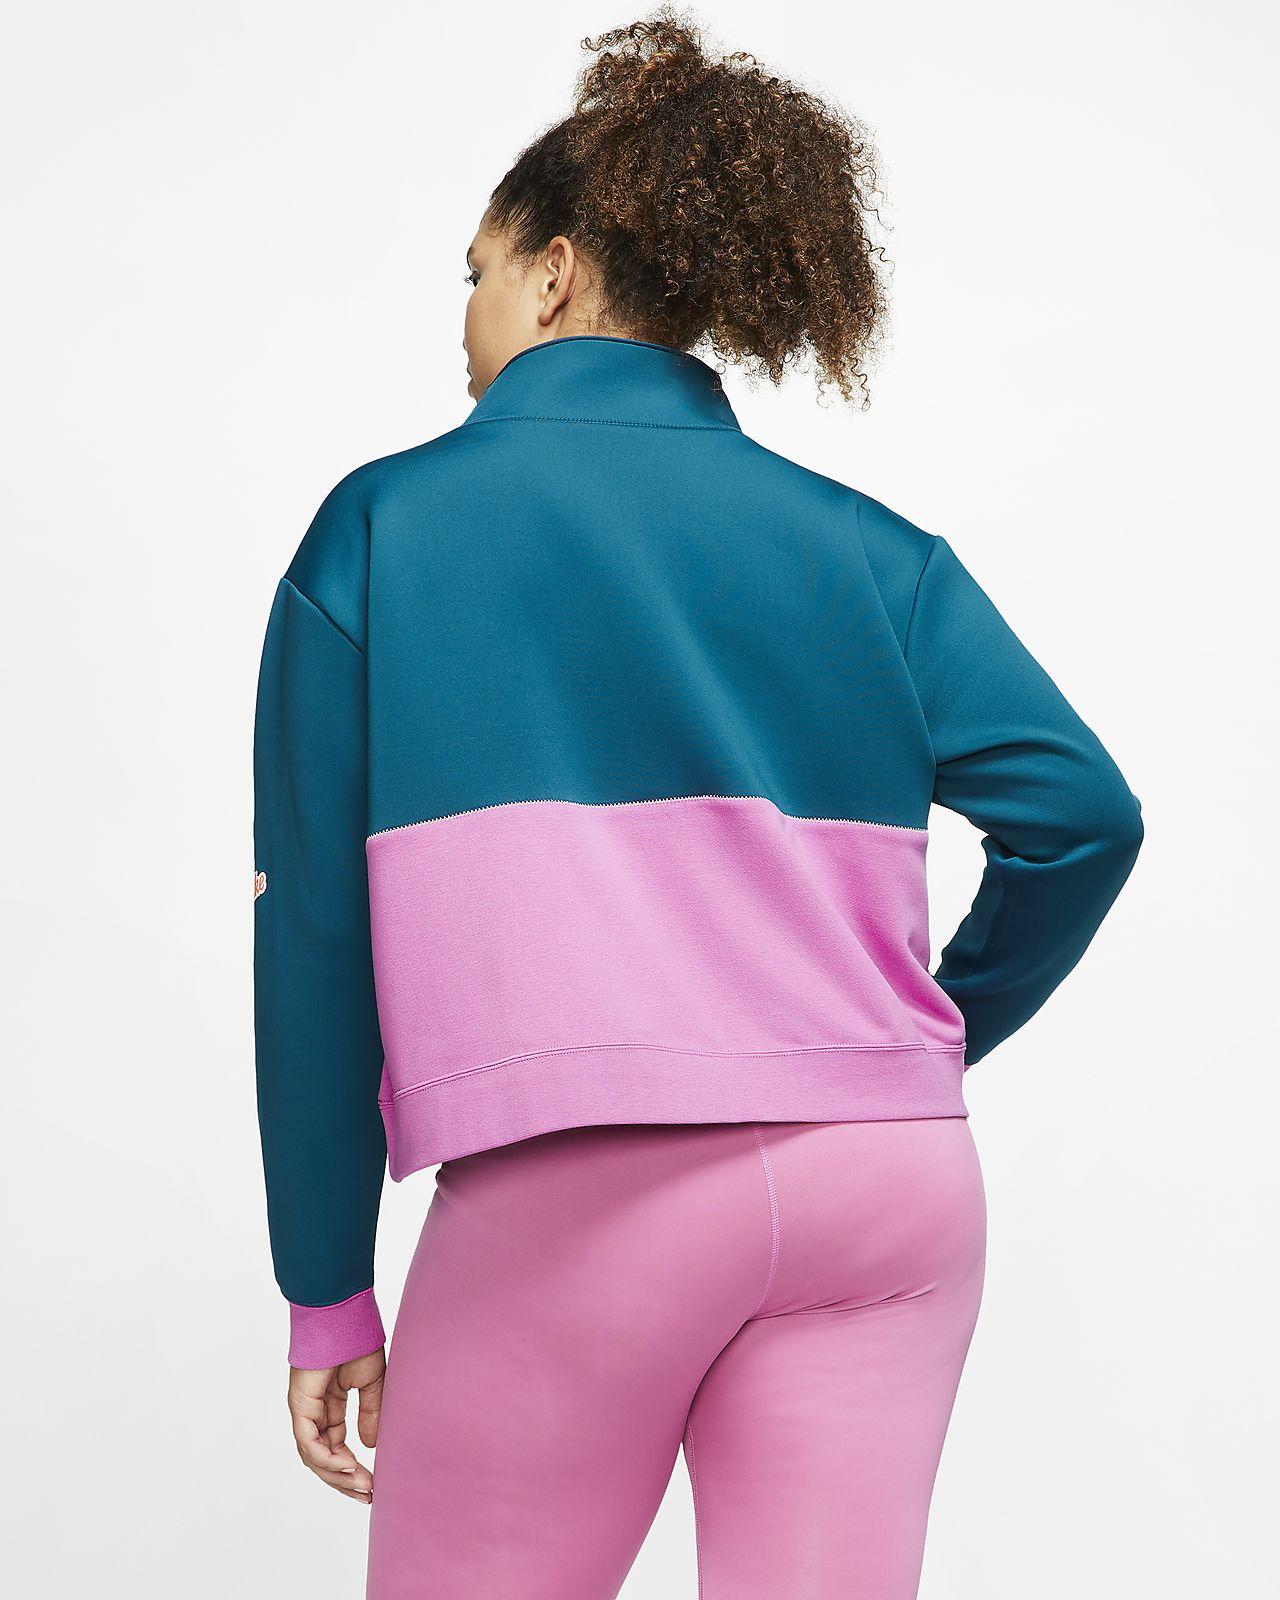 Nike Pro Get Fit overdel av fleece til dame (store størrelser)